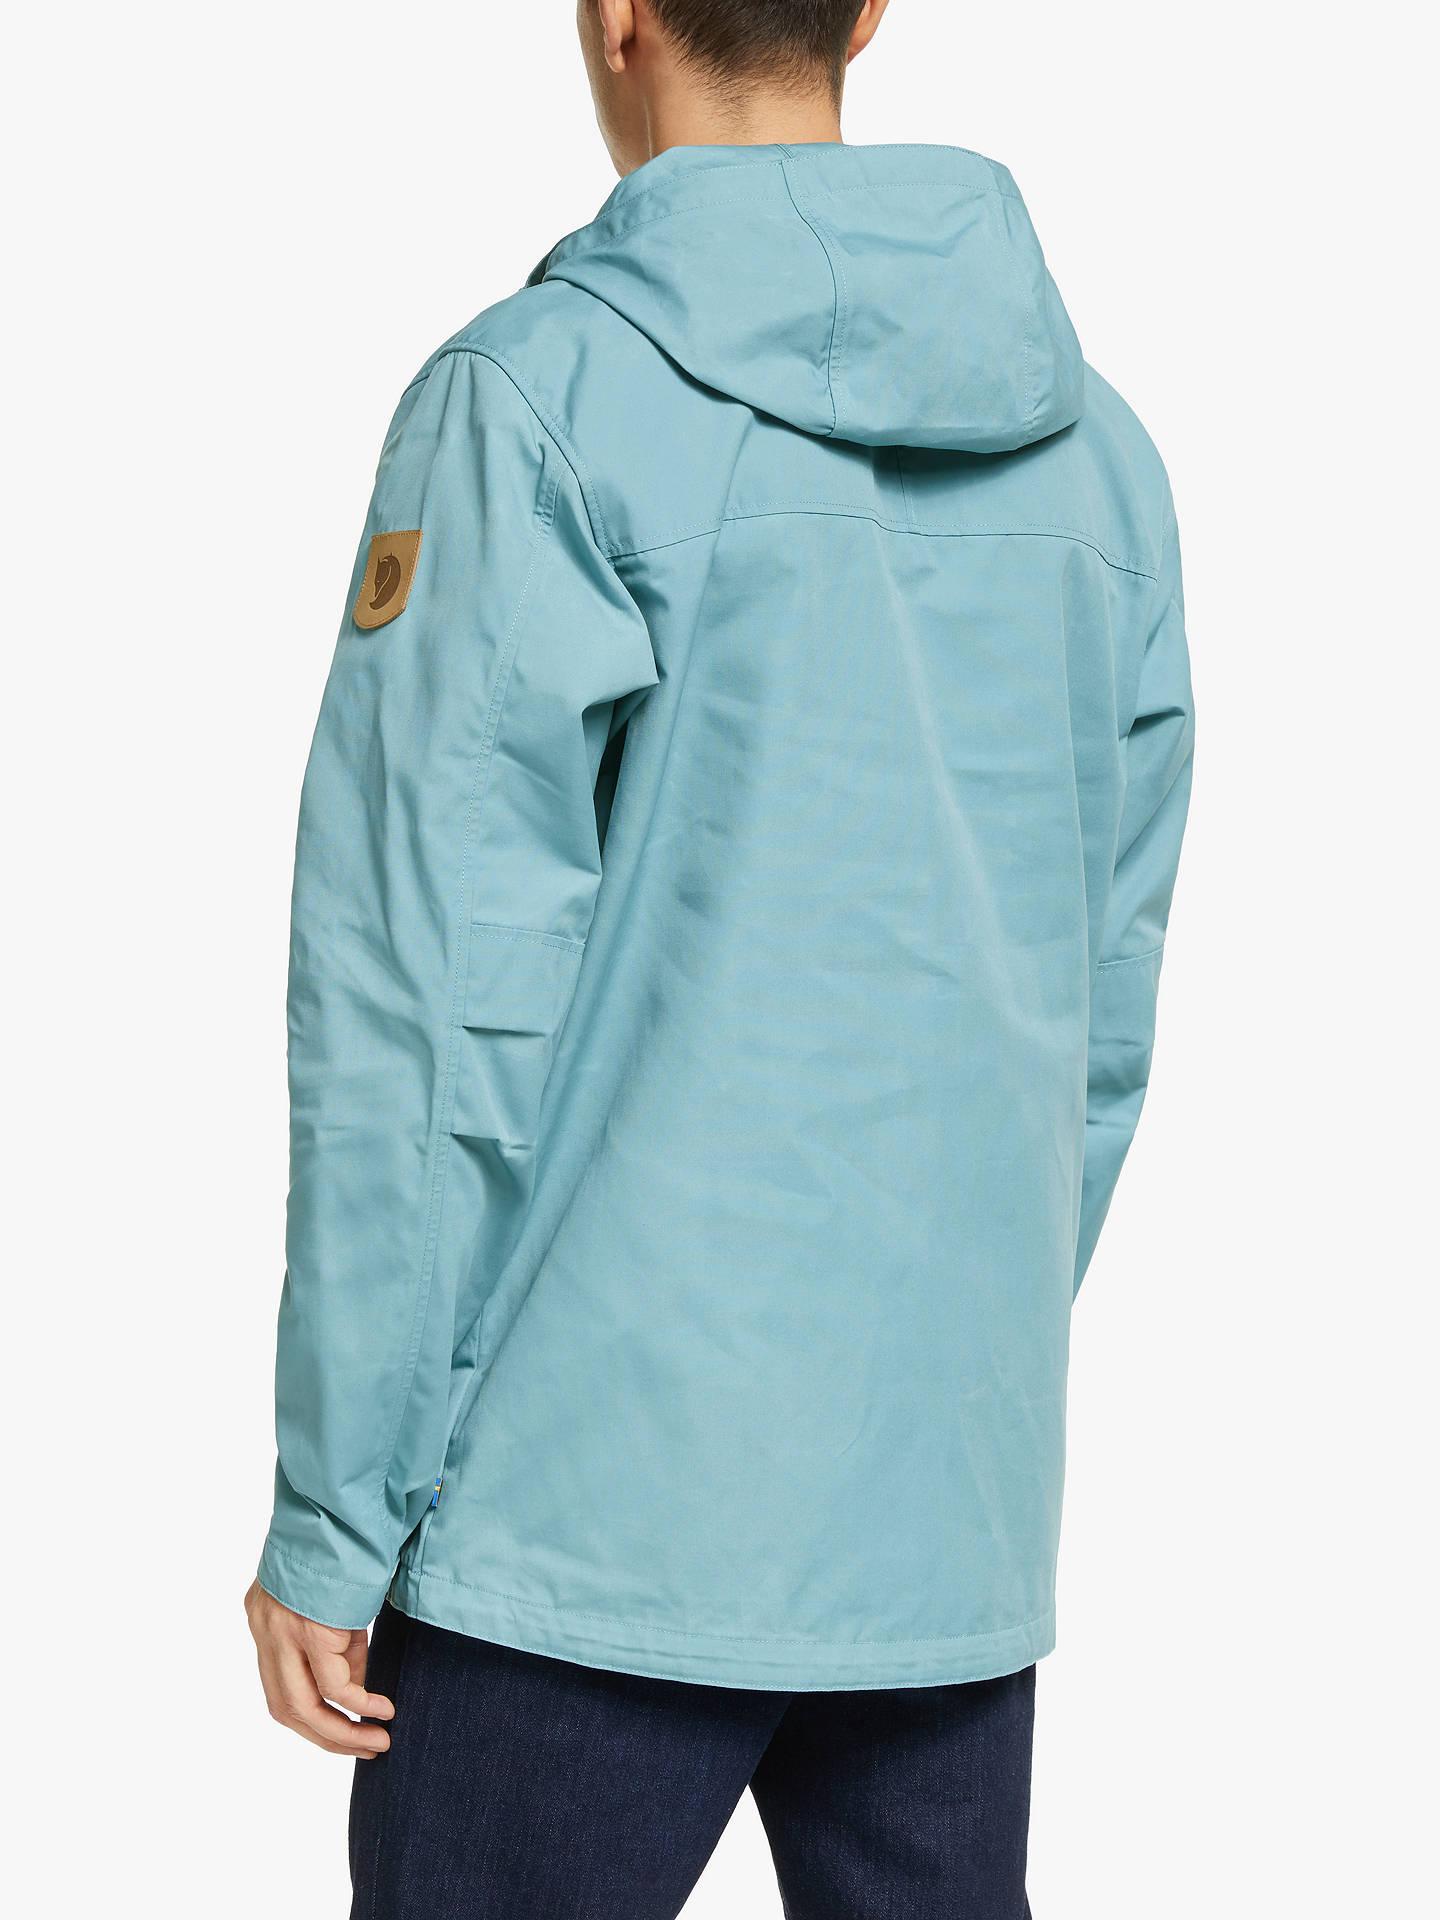 Fjällräven Greenland Water Resistant Jacket, Clay Blue at